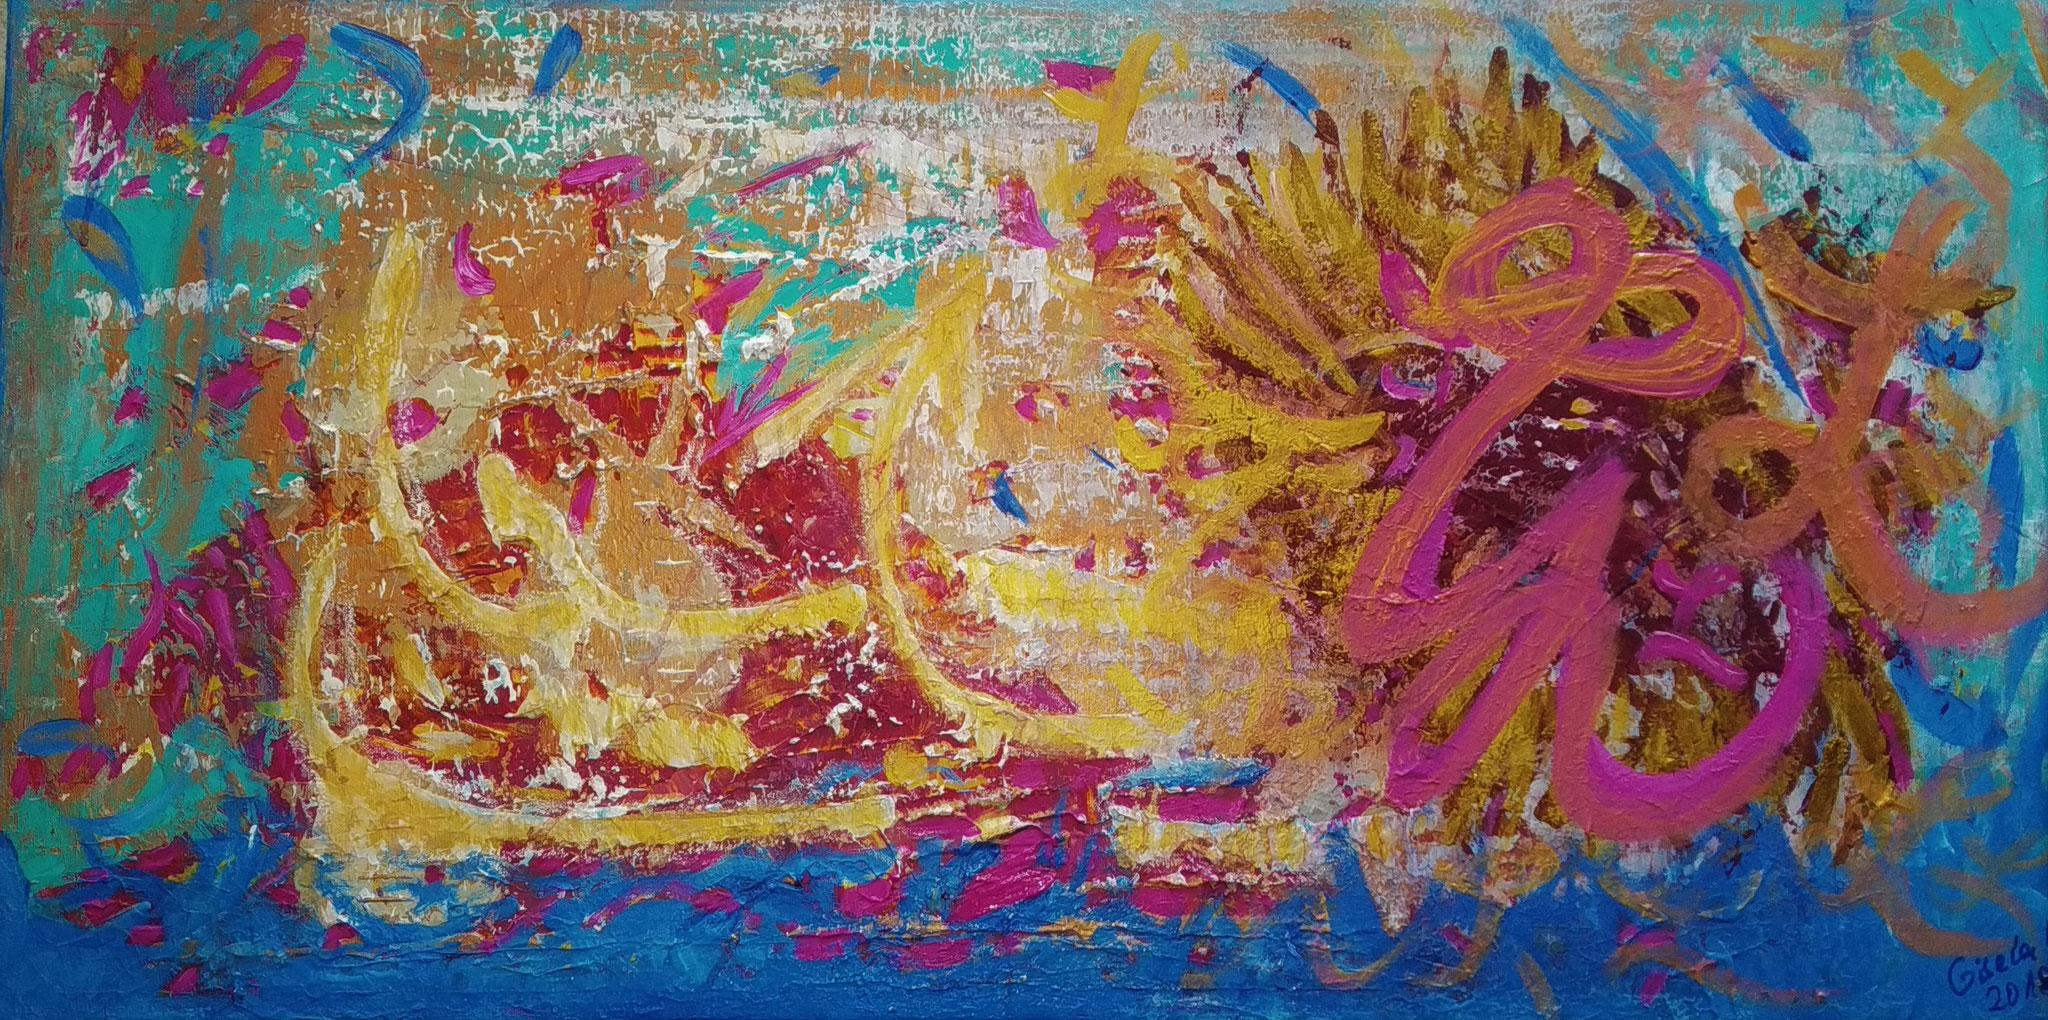 31. Durchbruch des Lichts, Acryl auf Leinwand, Grösse 100 x 50 cm